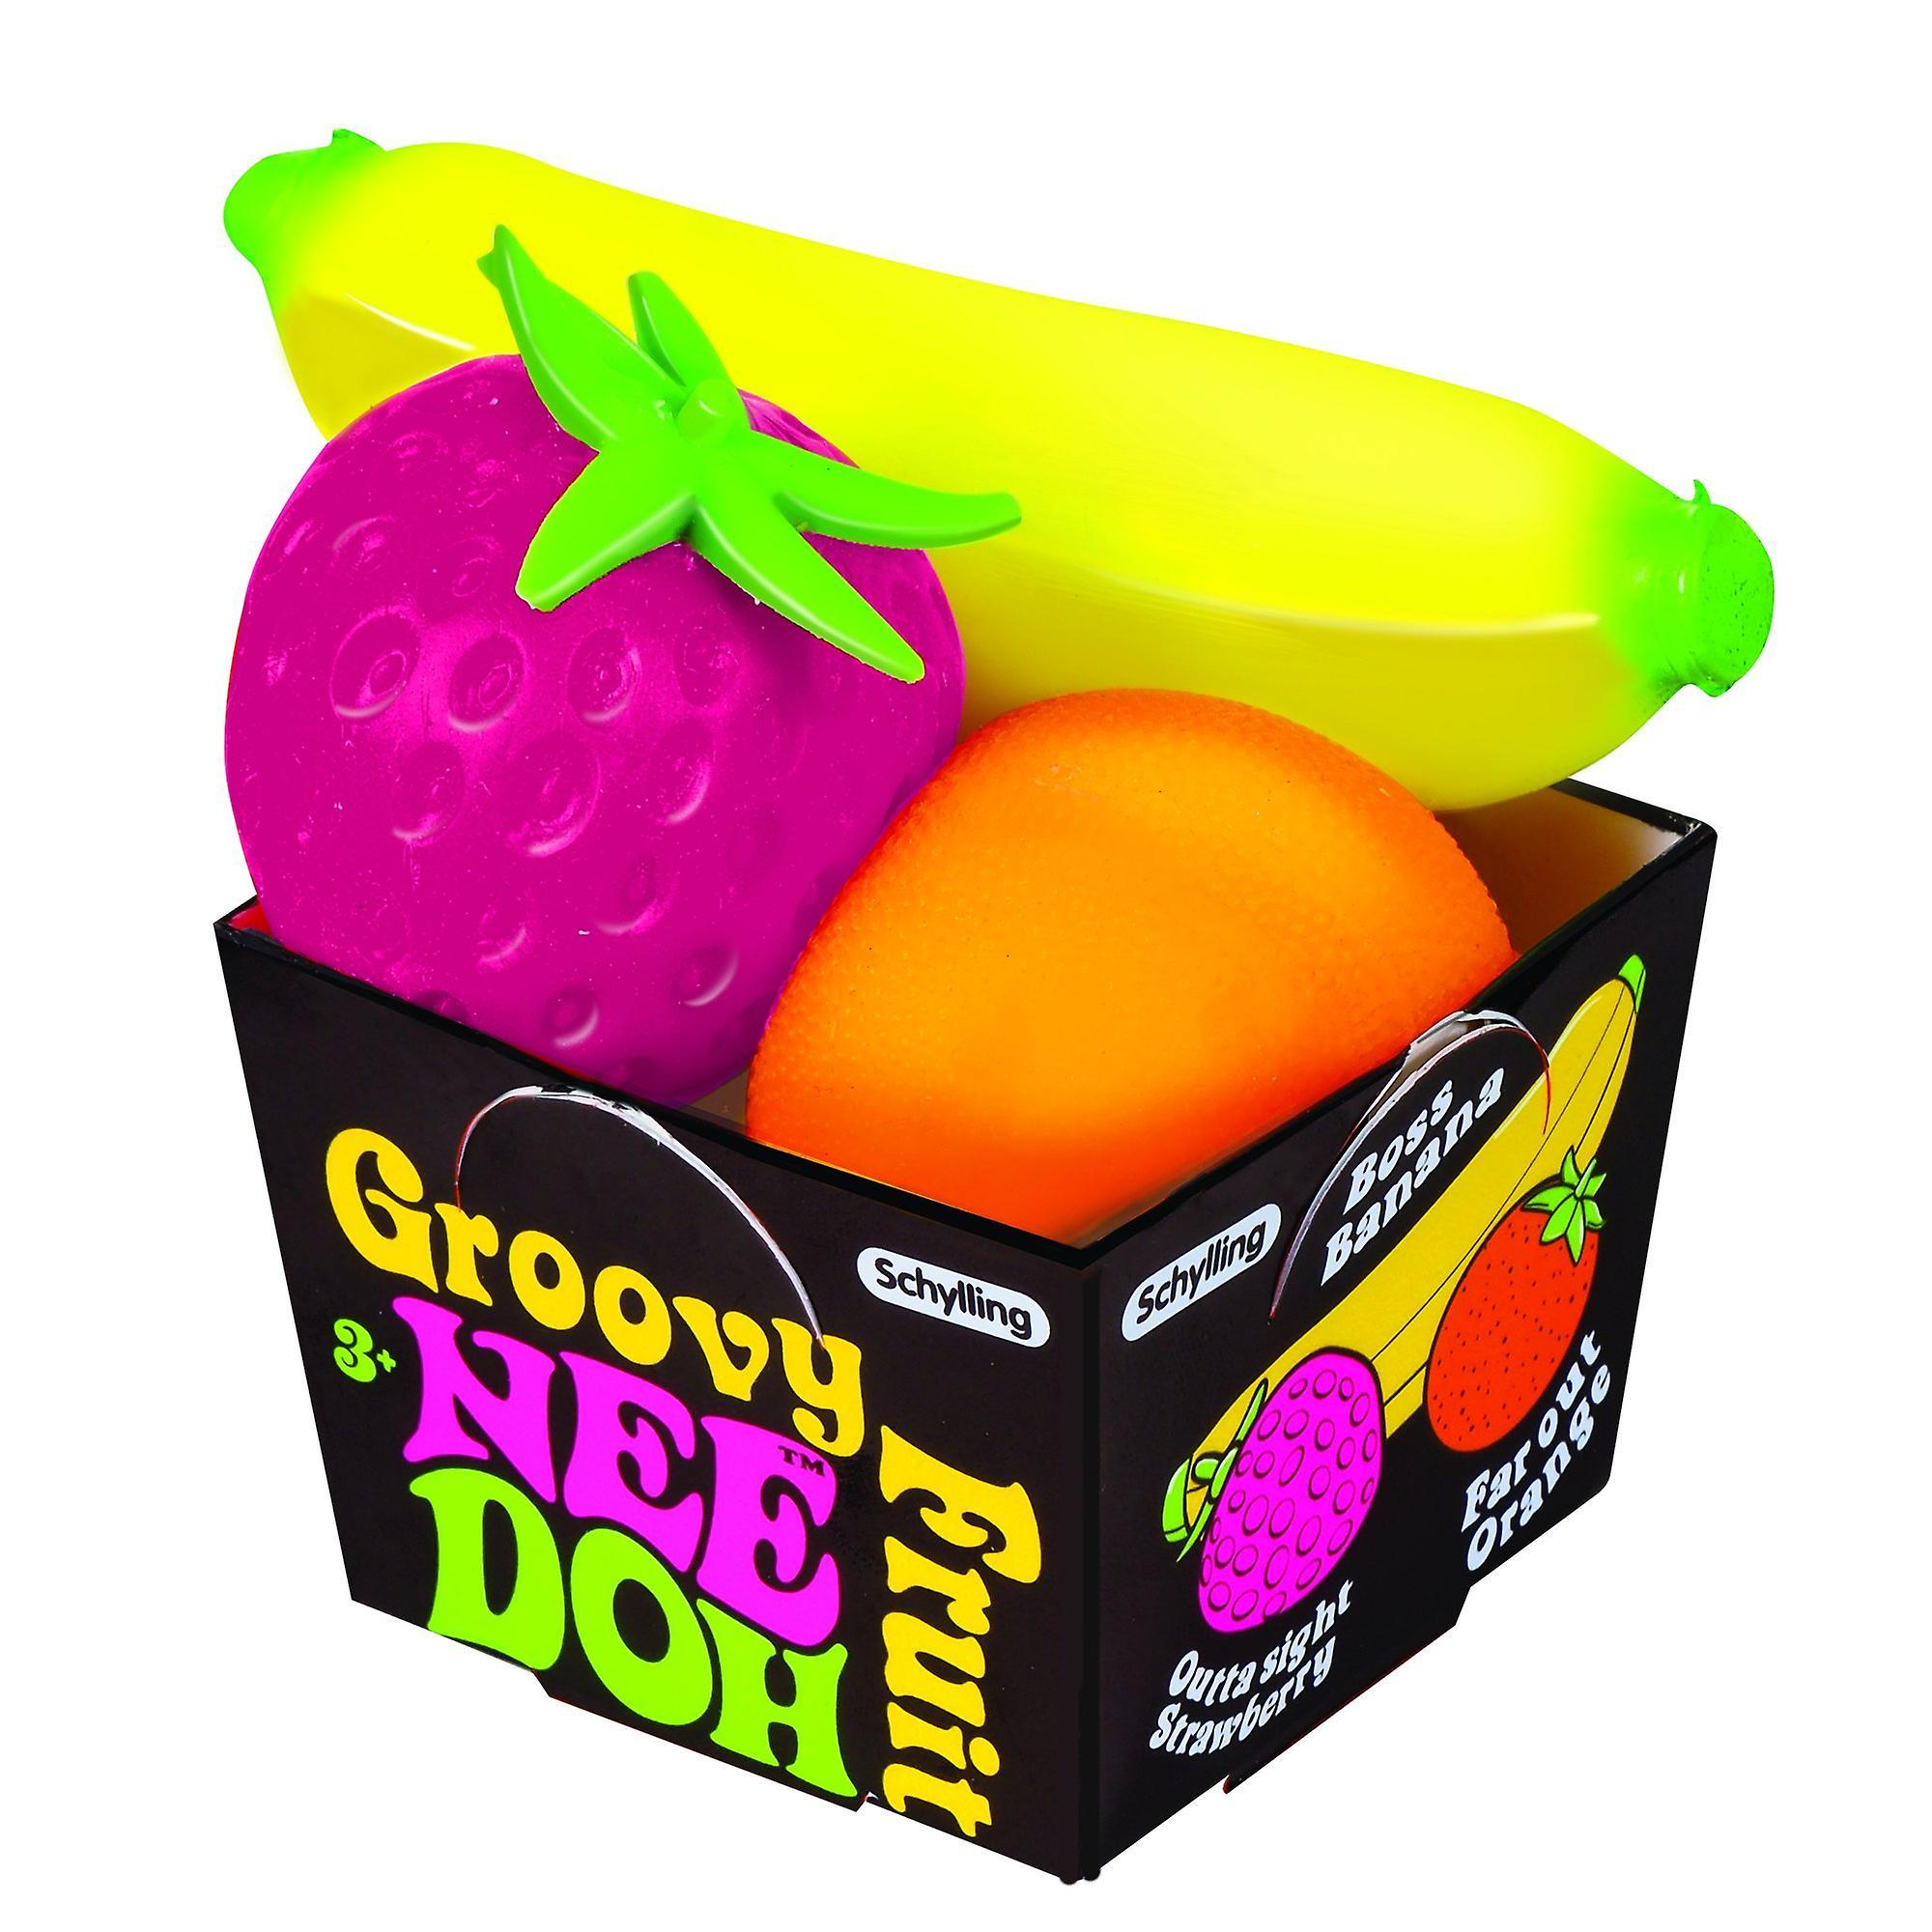 Schylling - groovy fruit nee-doh